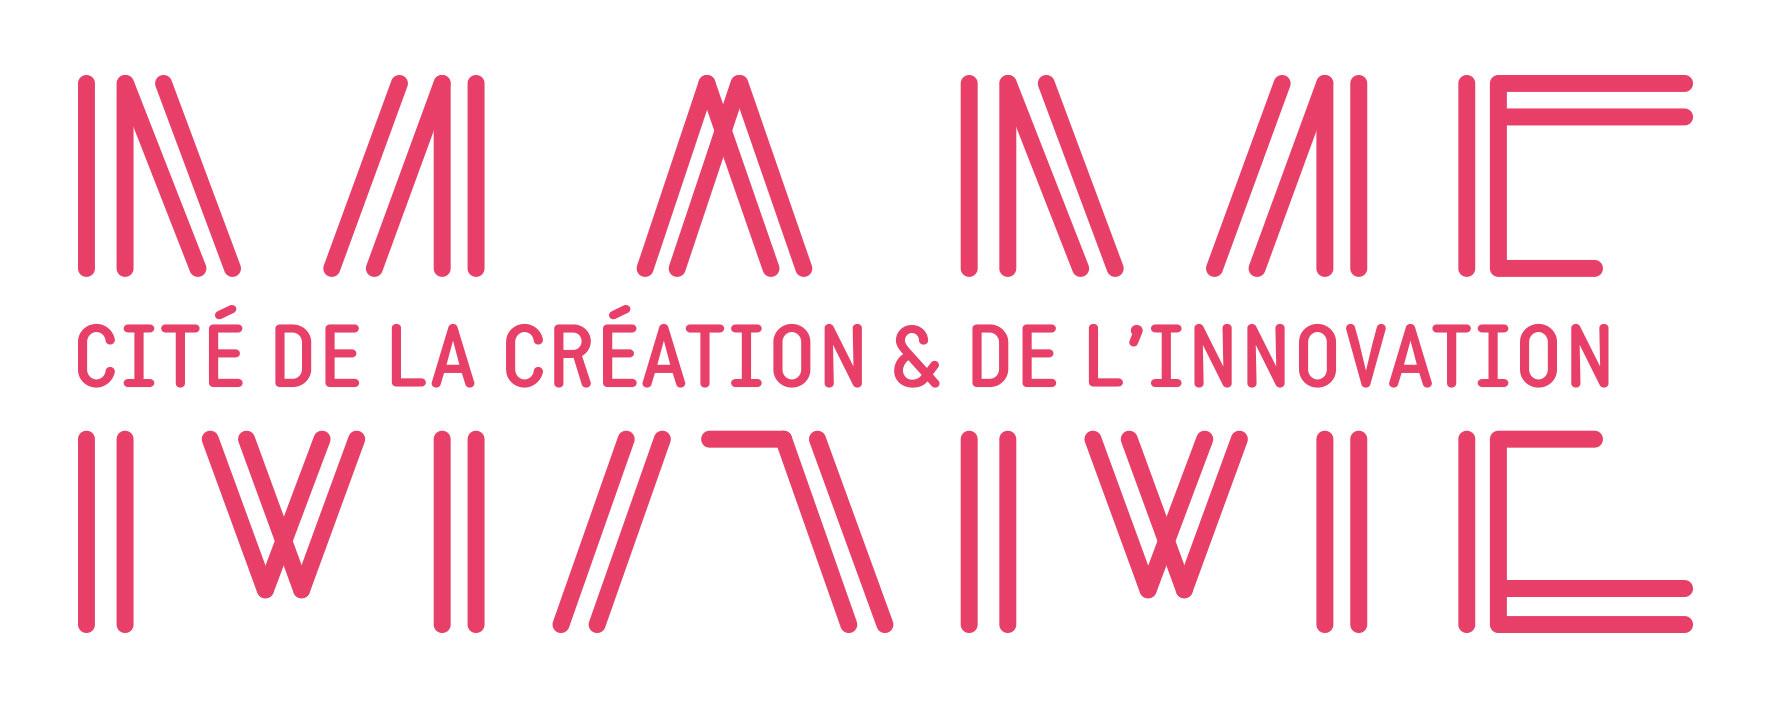 MAME_logo_web_pink.jpg